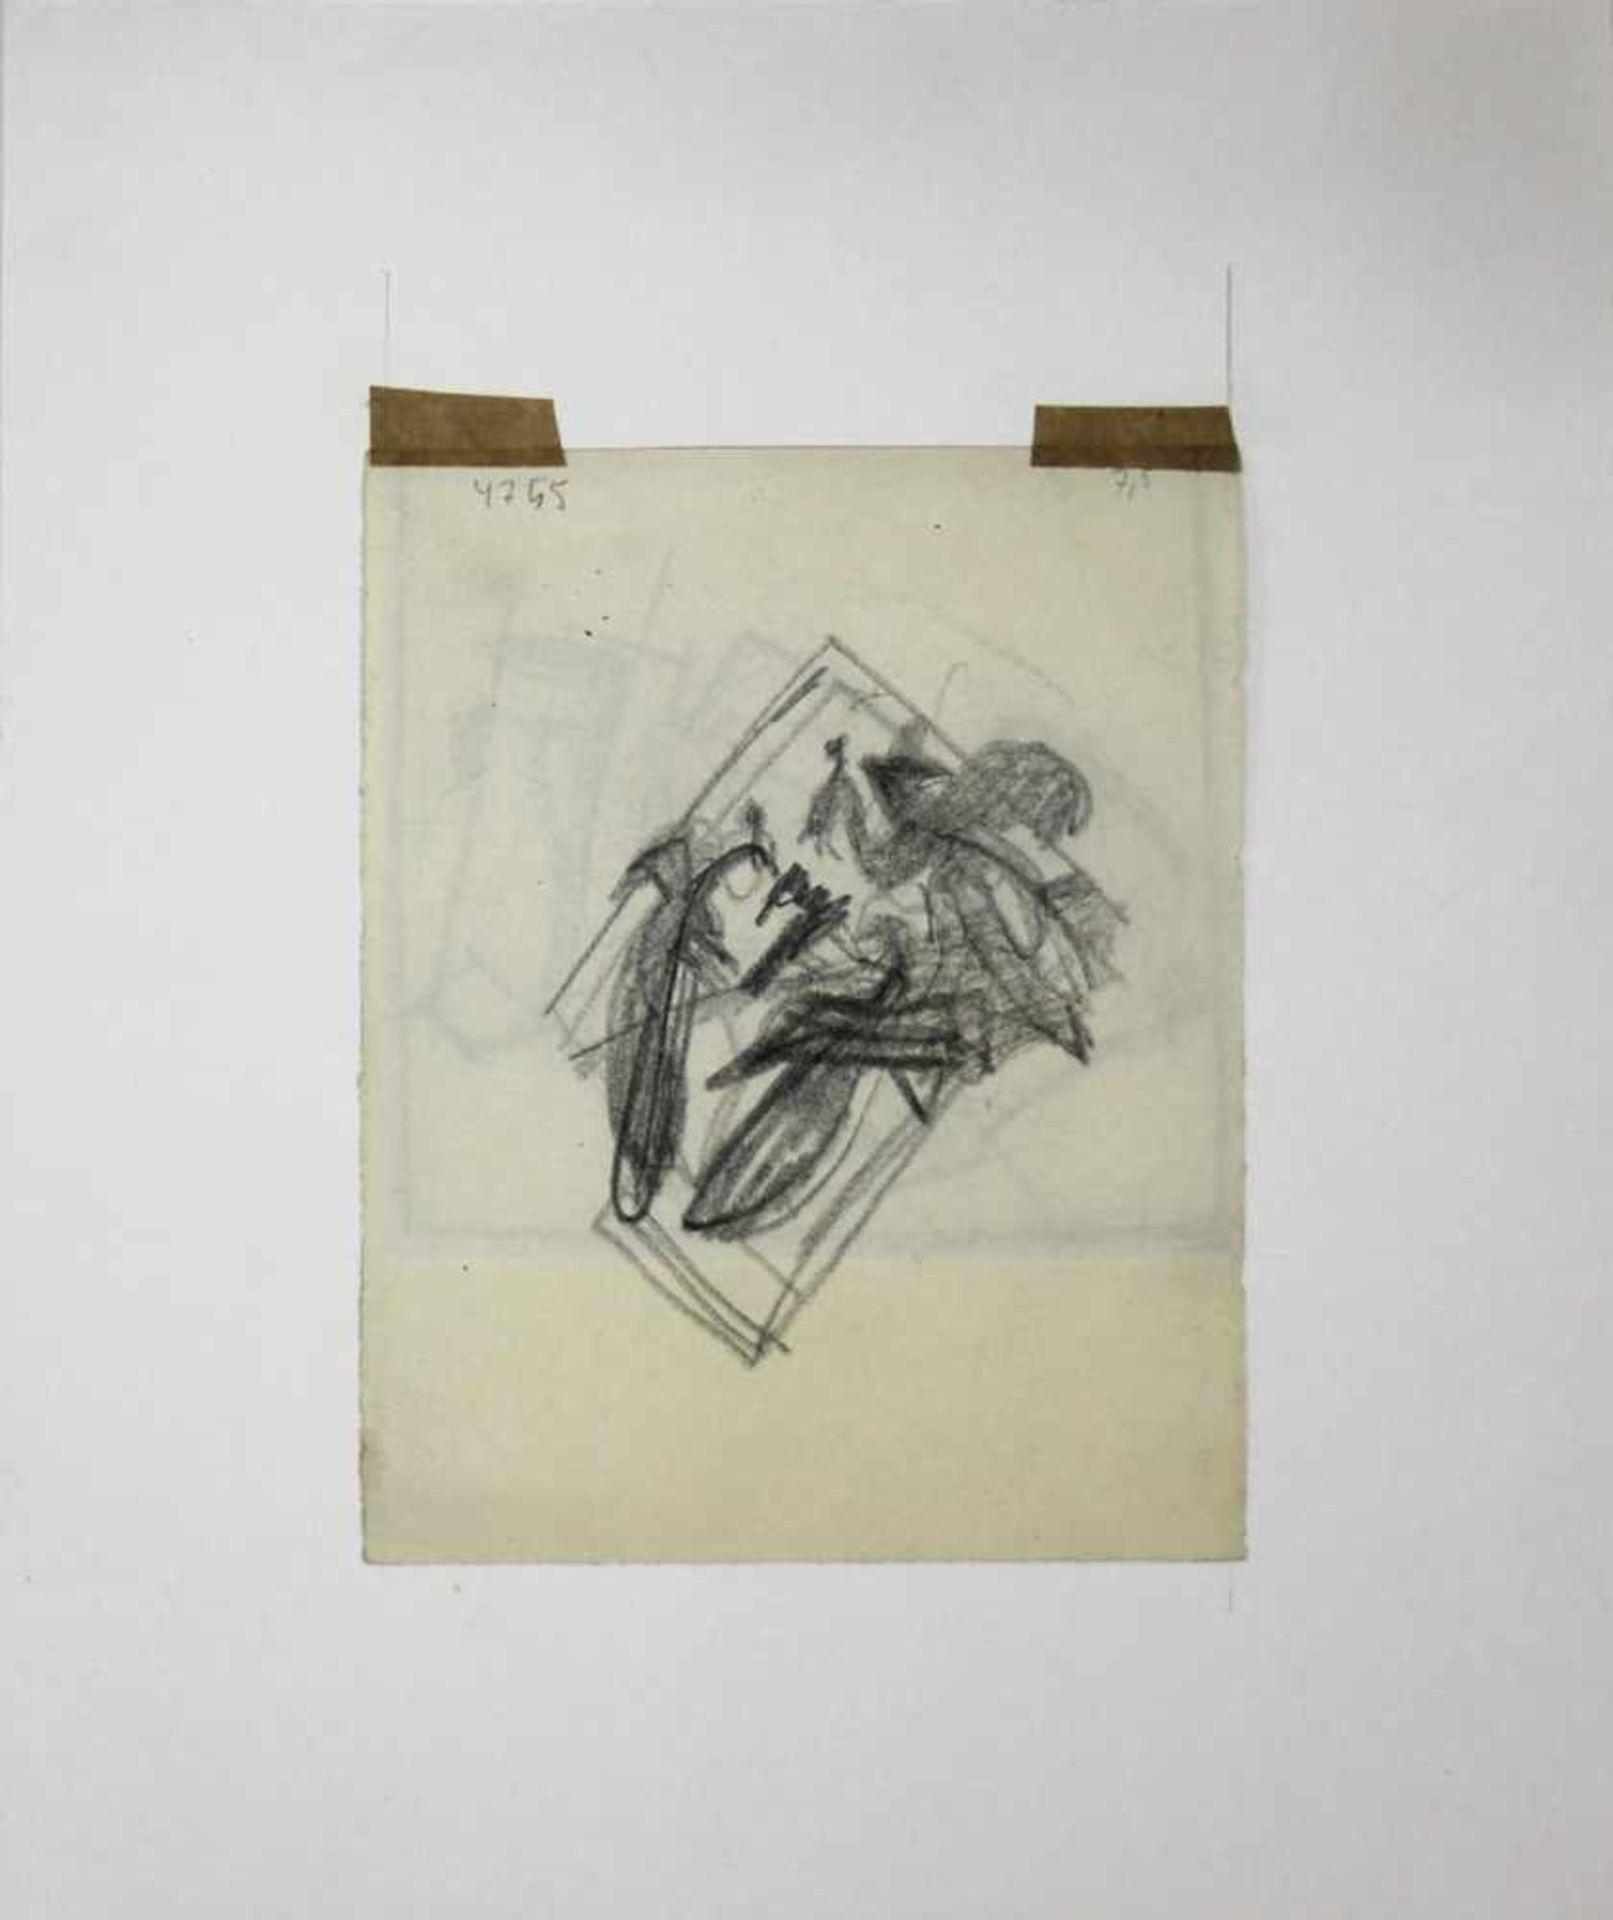 Ludwig Heinrich Jungnickel 1881-1965 Katz & Maus Graphit 16 x 12,5 - Bild 3 aus 3